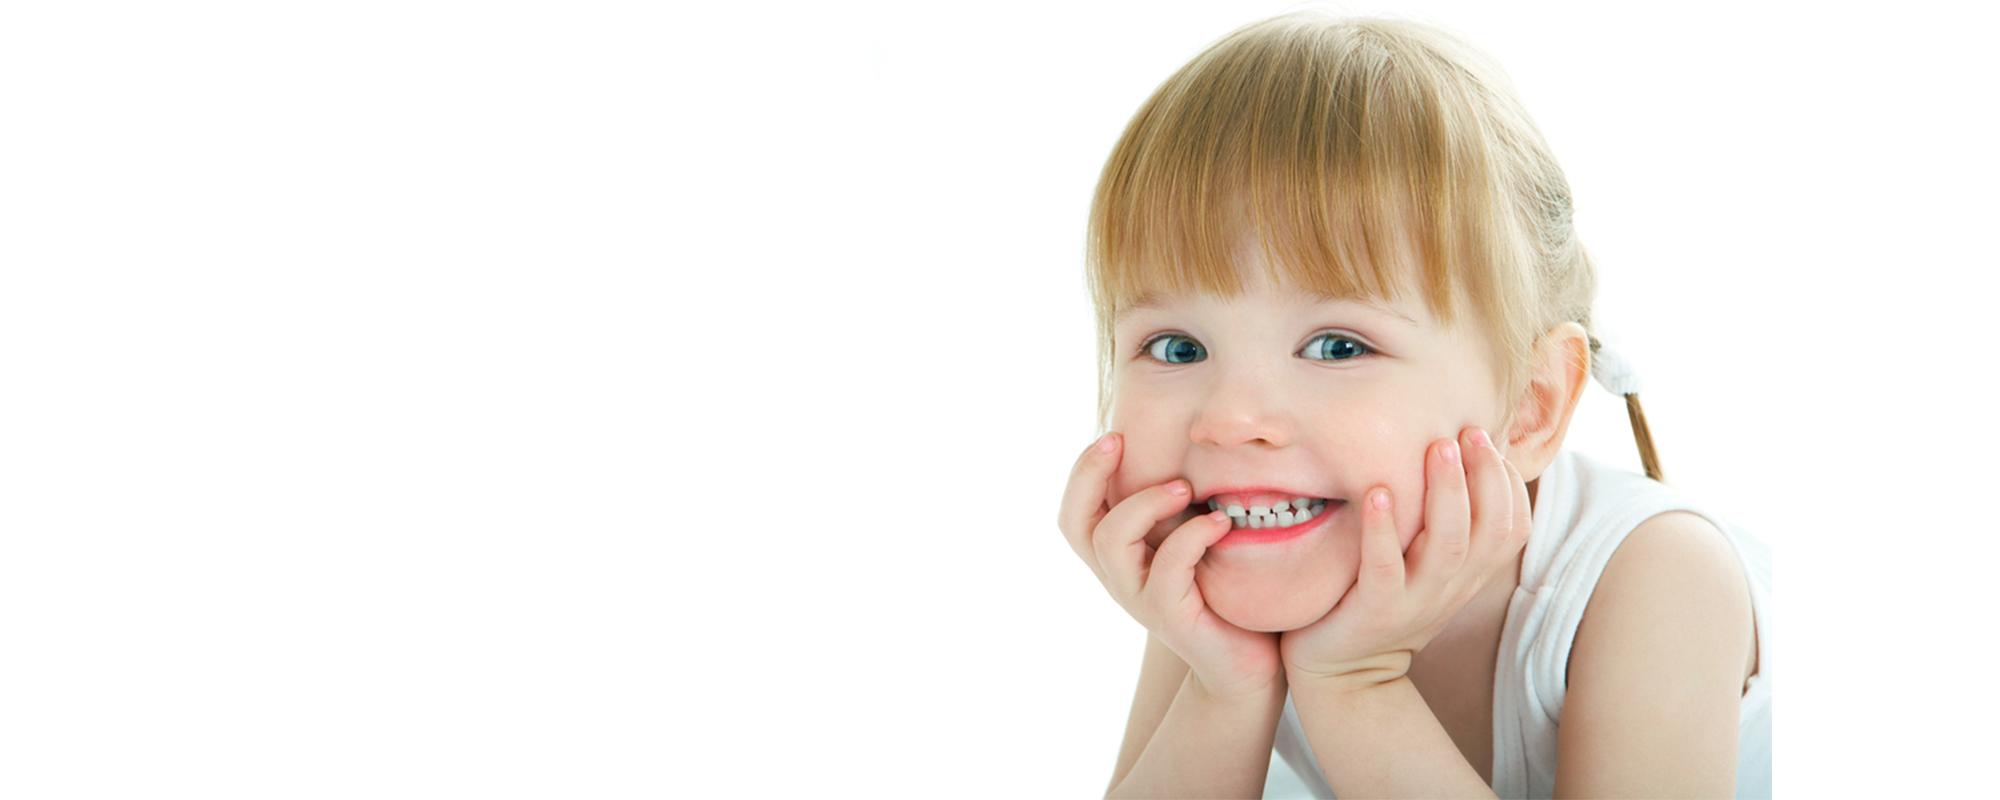 Здорові зубки - счастливе дитинство